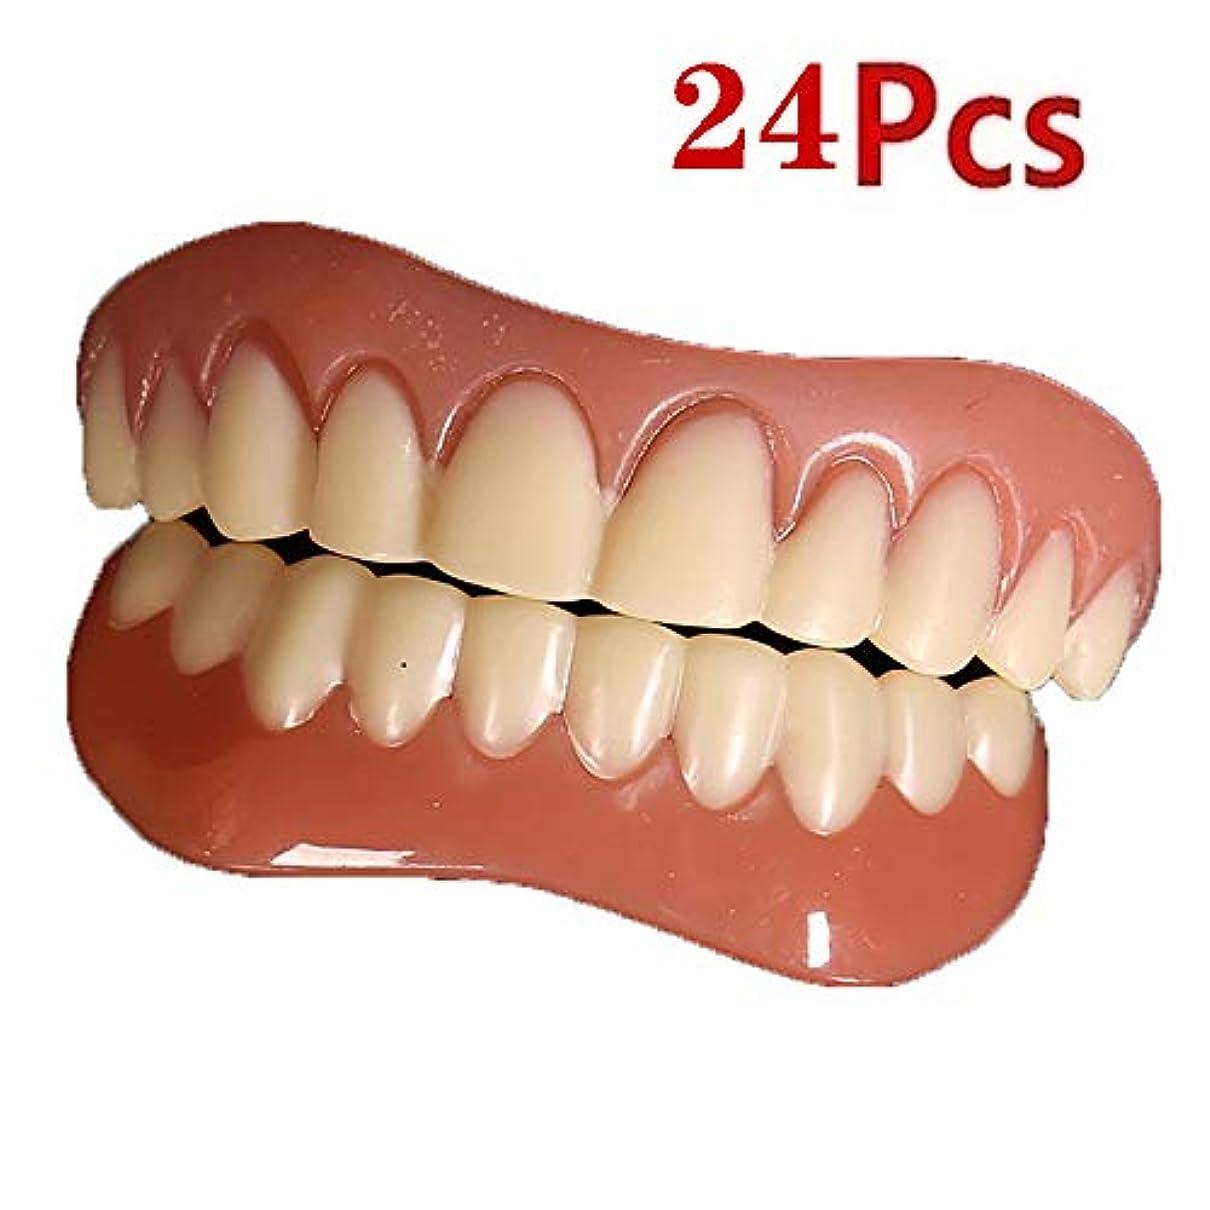 報酬の必要ないヘルシー24個パーフェクトスマイルベニヤダブのための歯の修正のための悪い歯のための完璧なスマイルベニヤ歯ホワイトニング